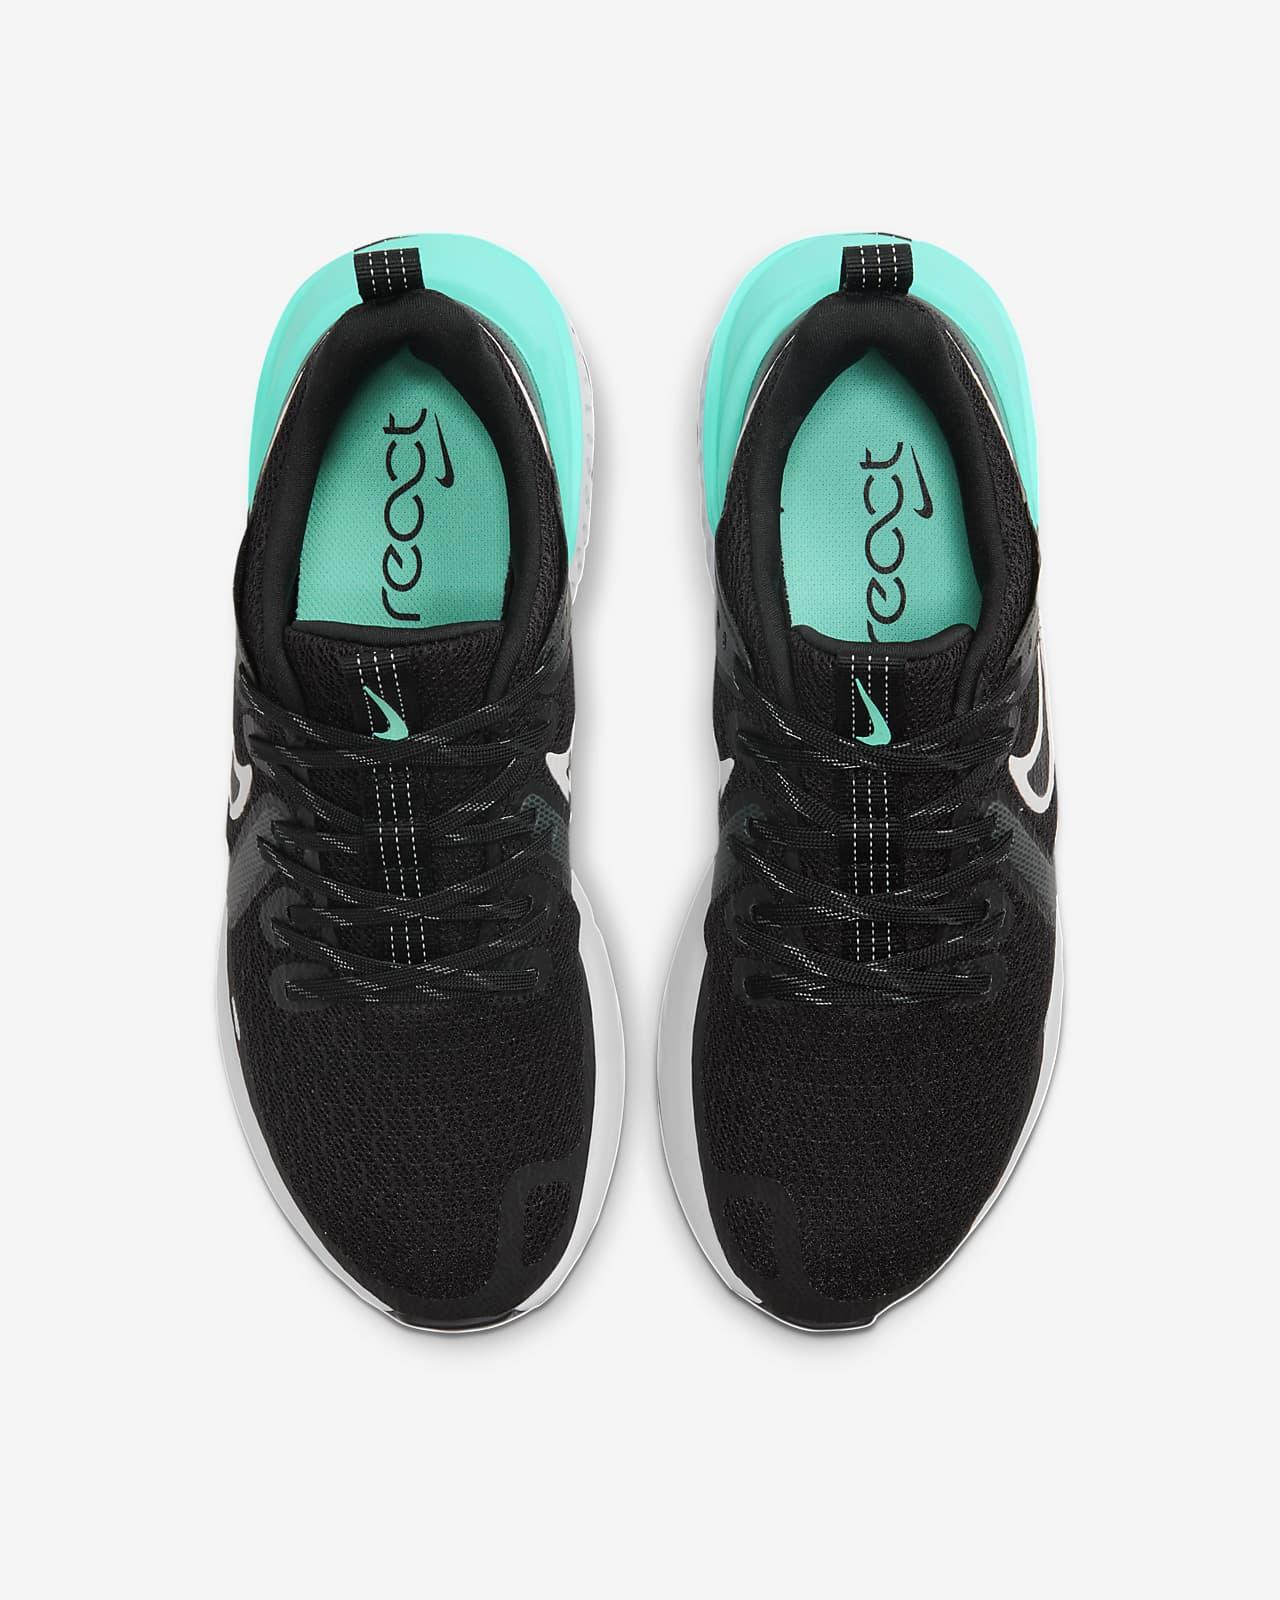 Chaussure de running Nike Legend React 2 pour Femme